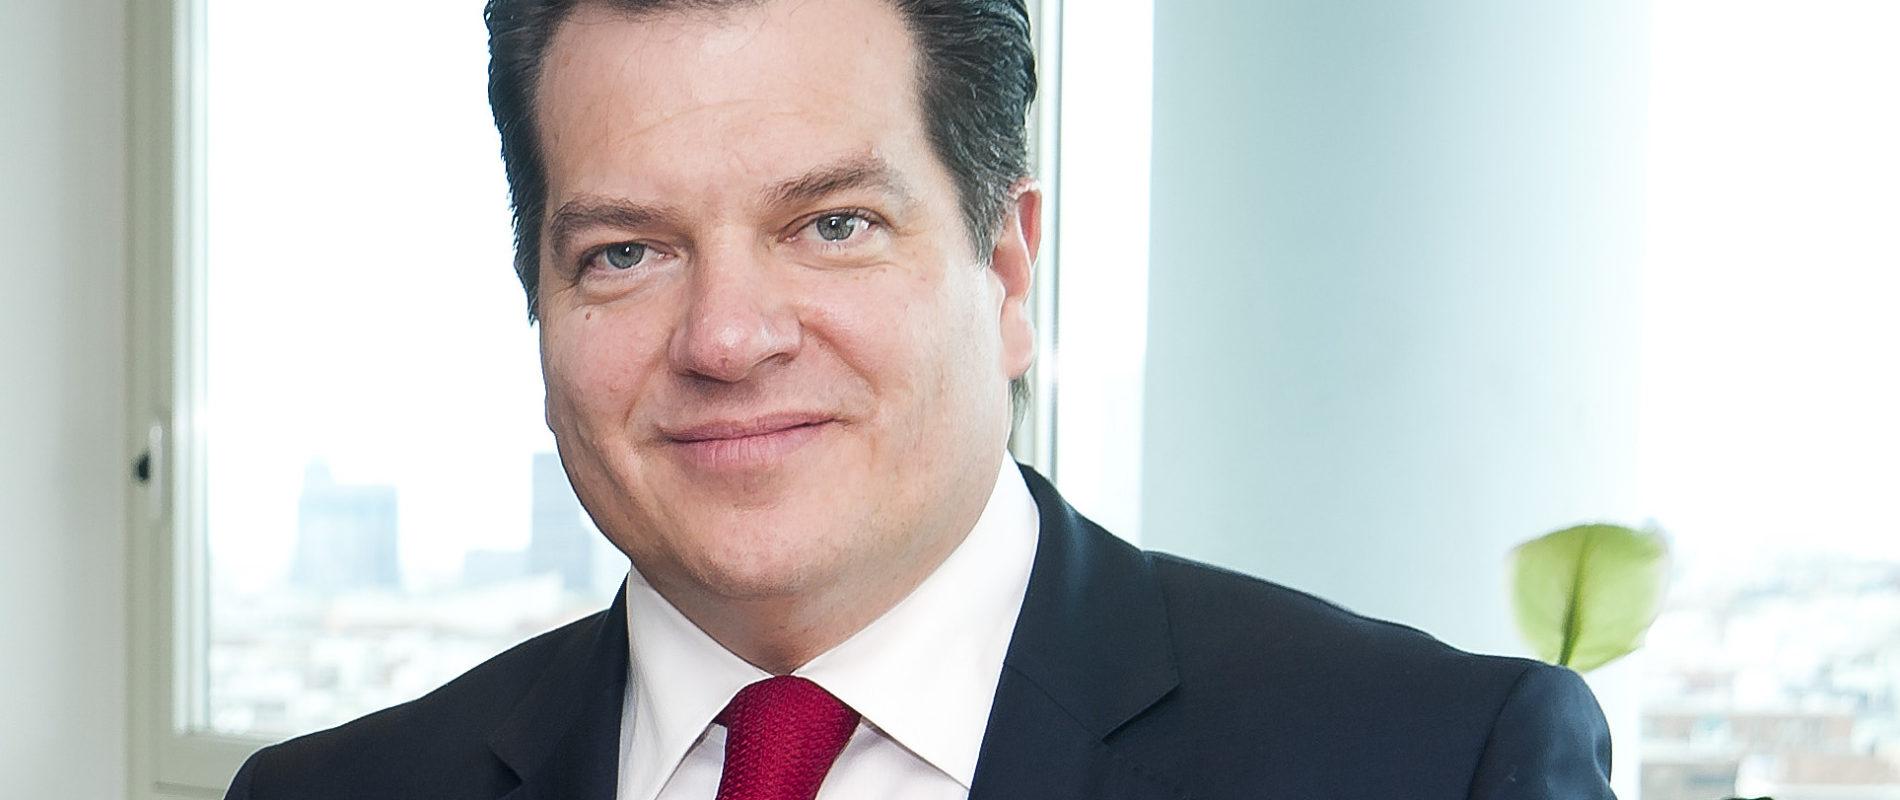 Alemán Magnani está en EU y Europa buscando fondos para Interjet; no está huyendo: Abogado